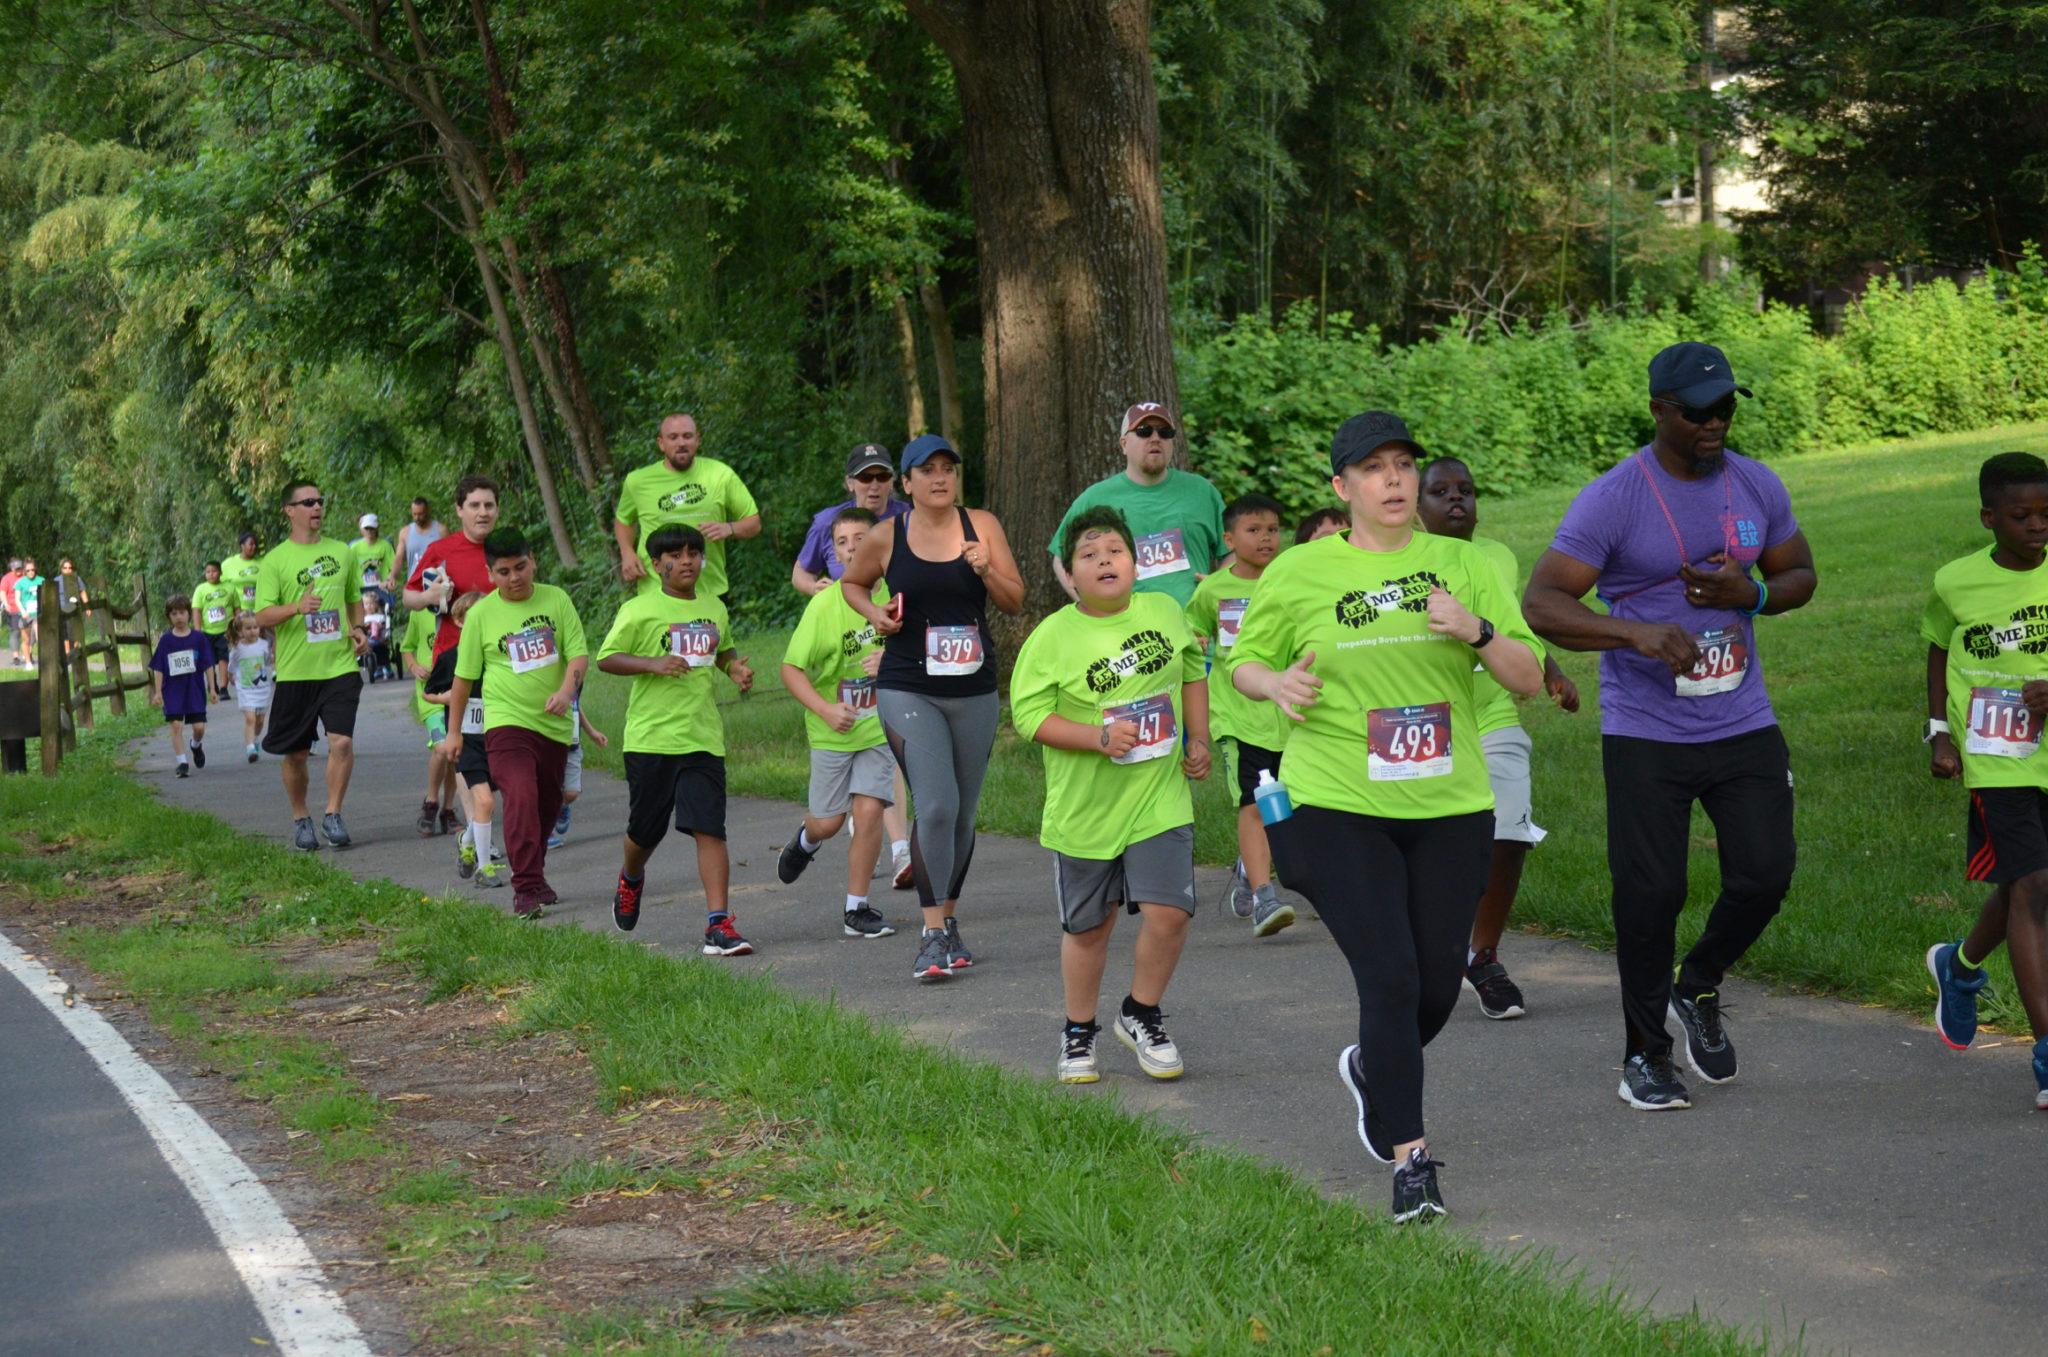 LMR Runners